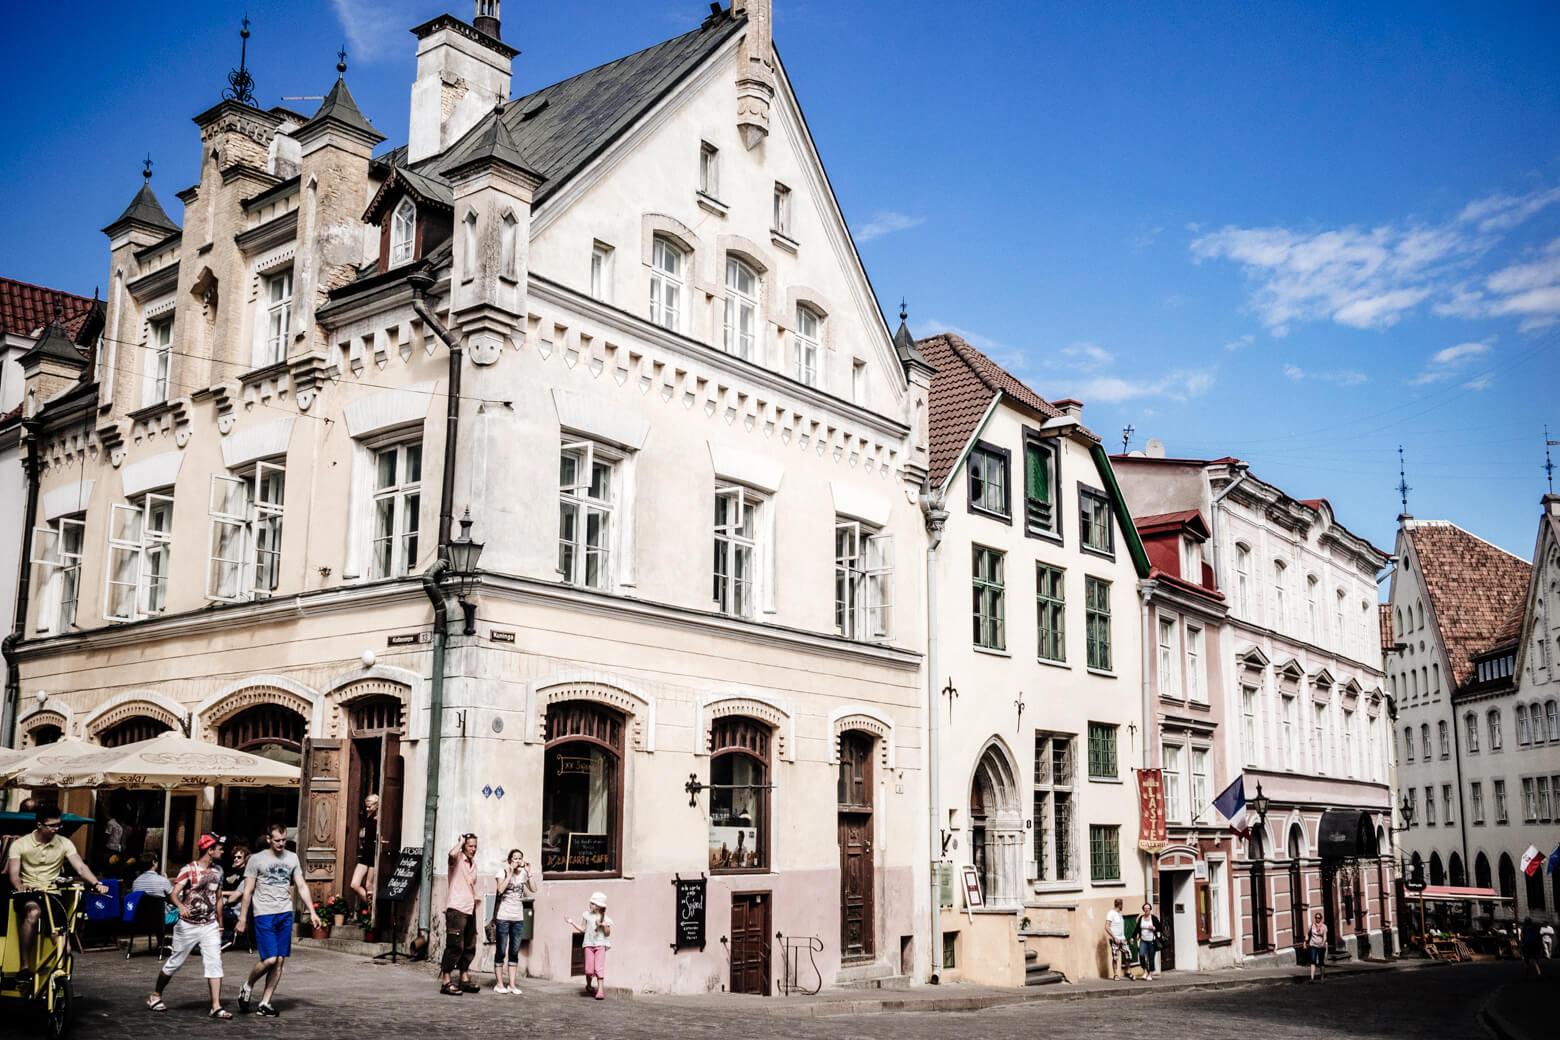 Tallinn Old Town Architecture